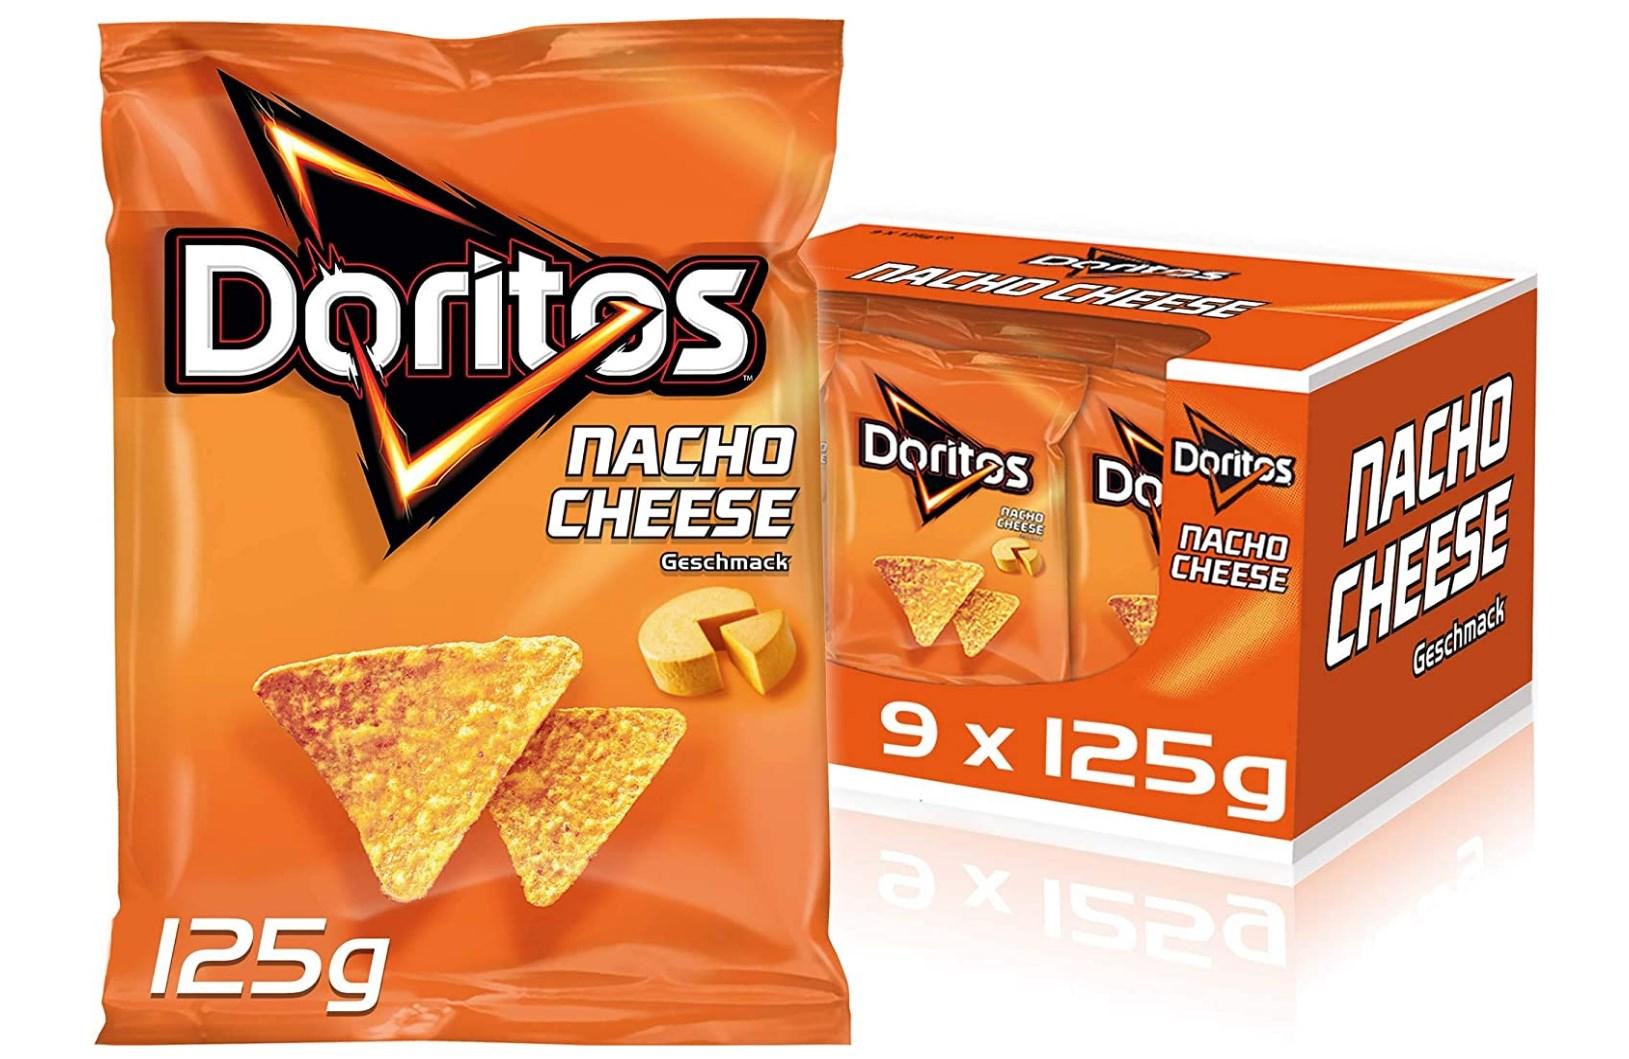 9x 125g Doritos Nacho Cheese